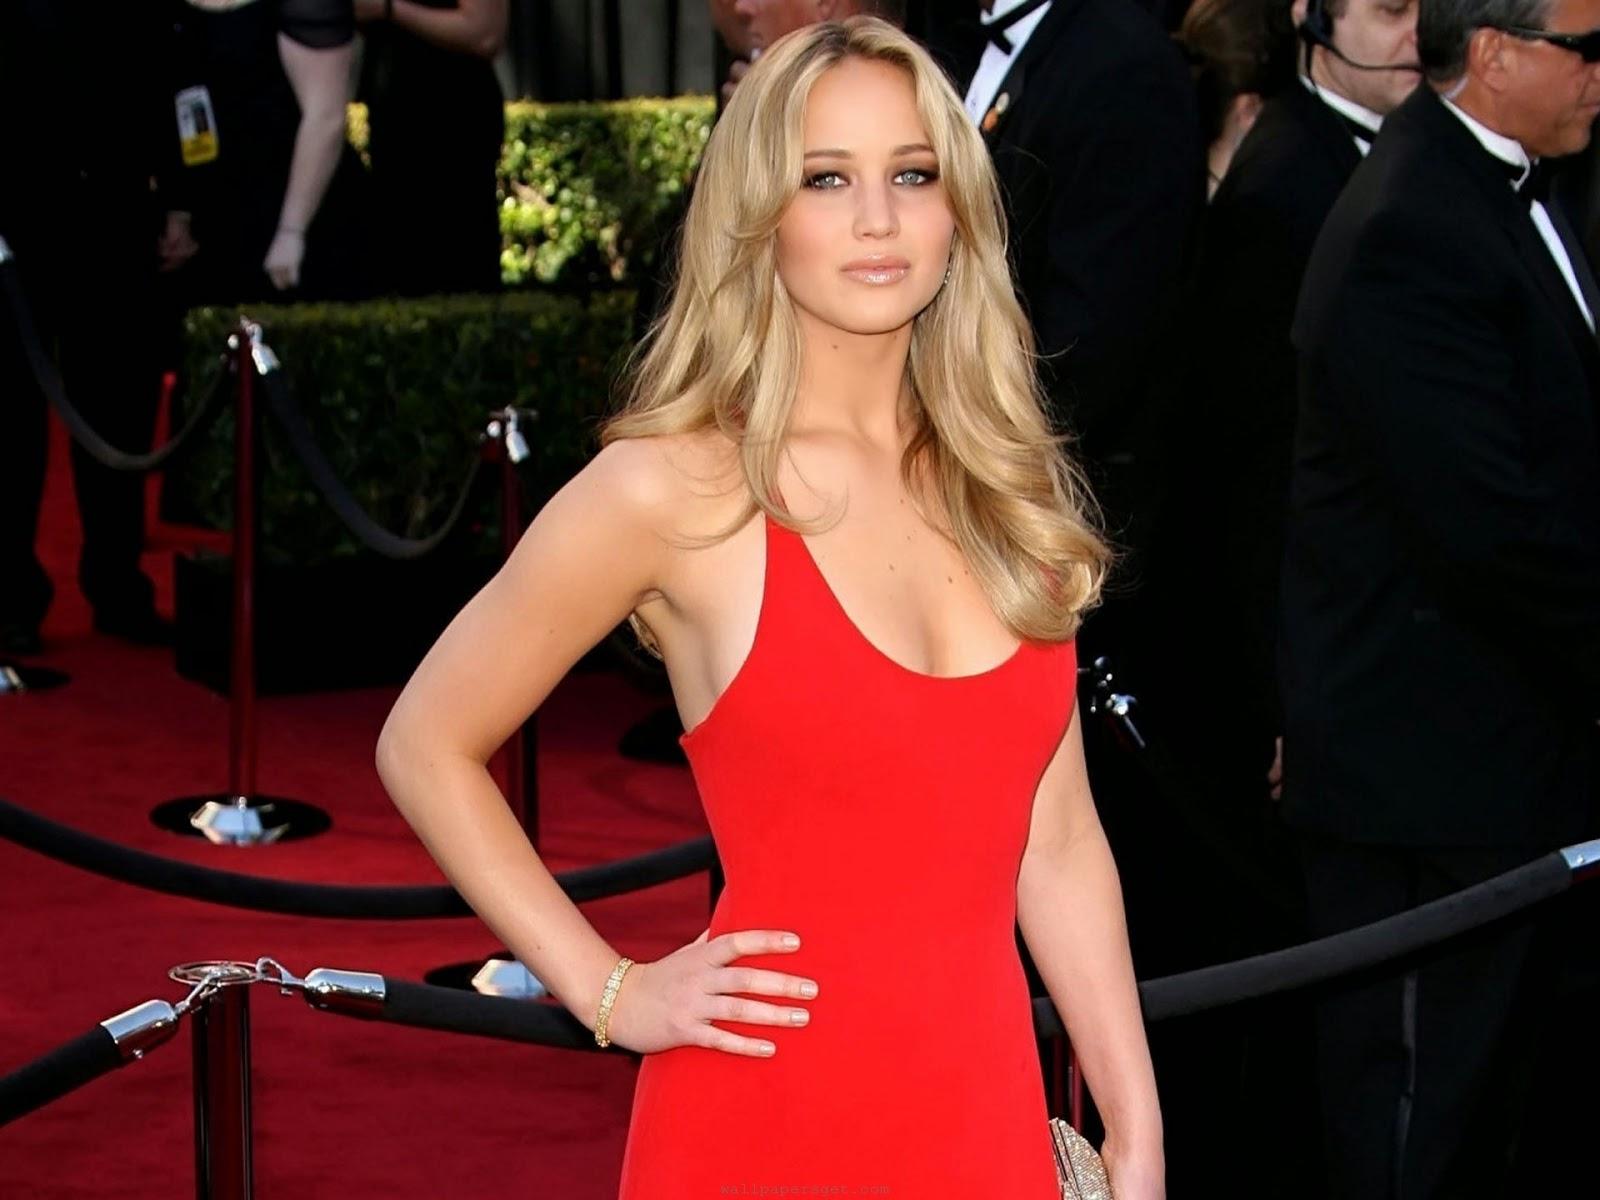 Beautiful Jennifer Lawrence in Red Dress Wallpaper